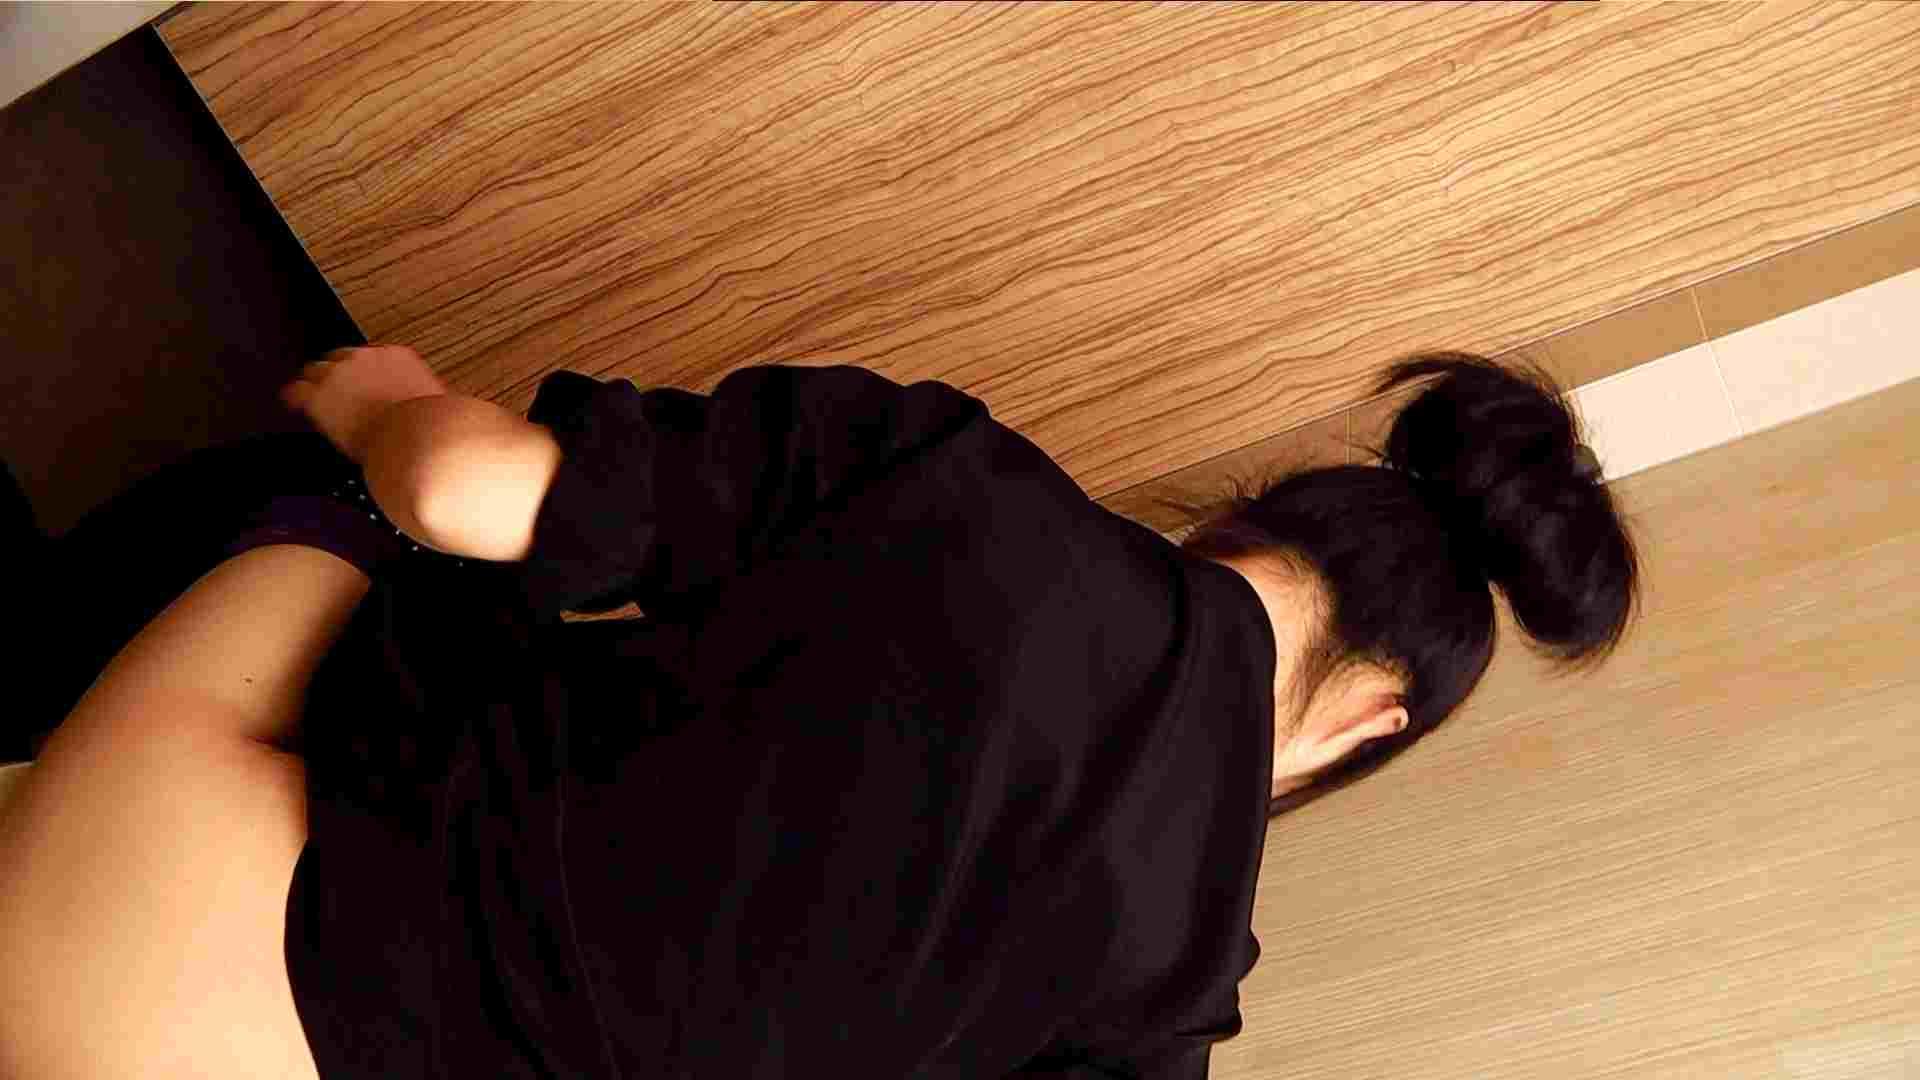 阿国ちゃんの「和式洋式七変化」No.7 洗面所  40Pix 9